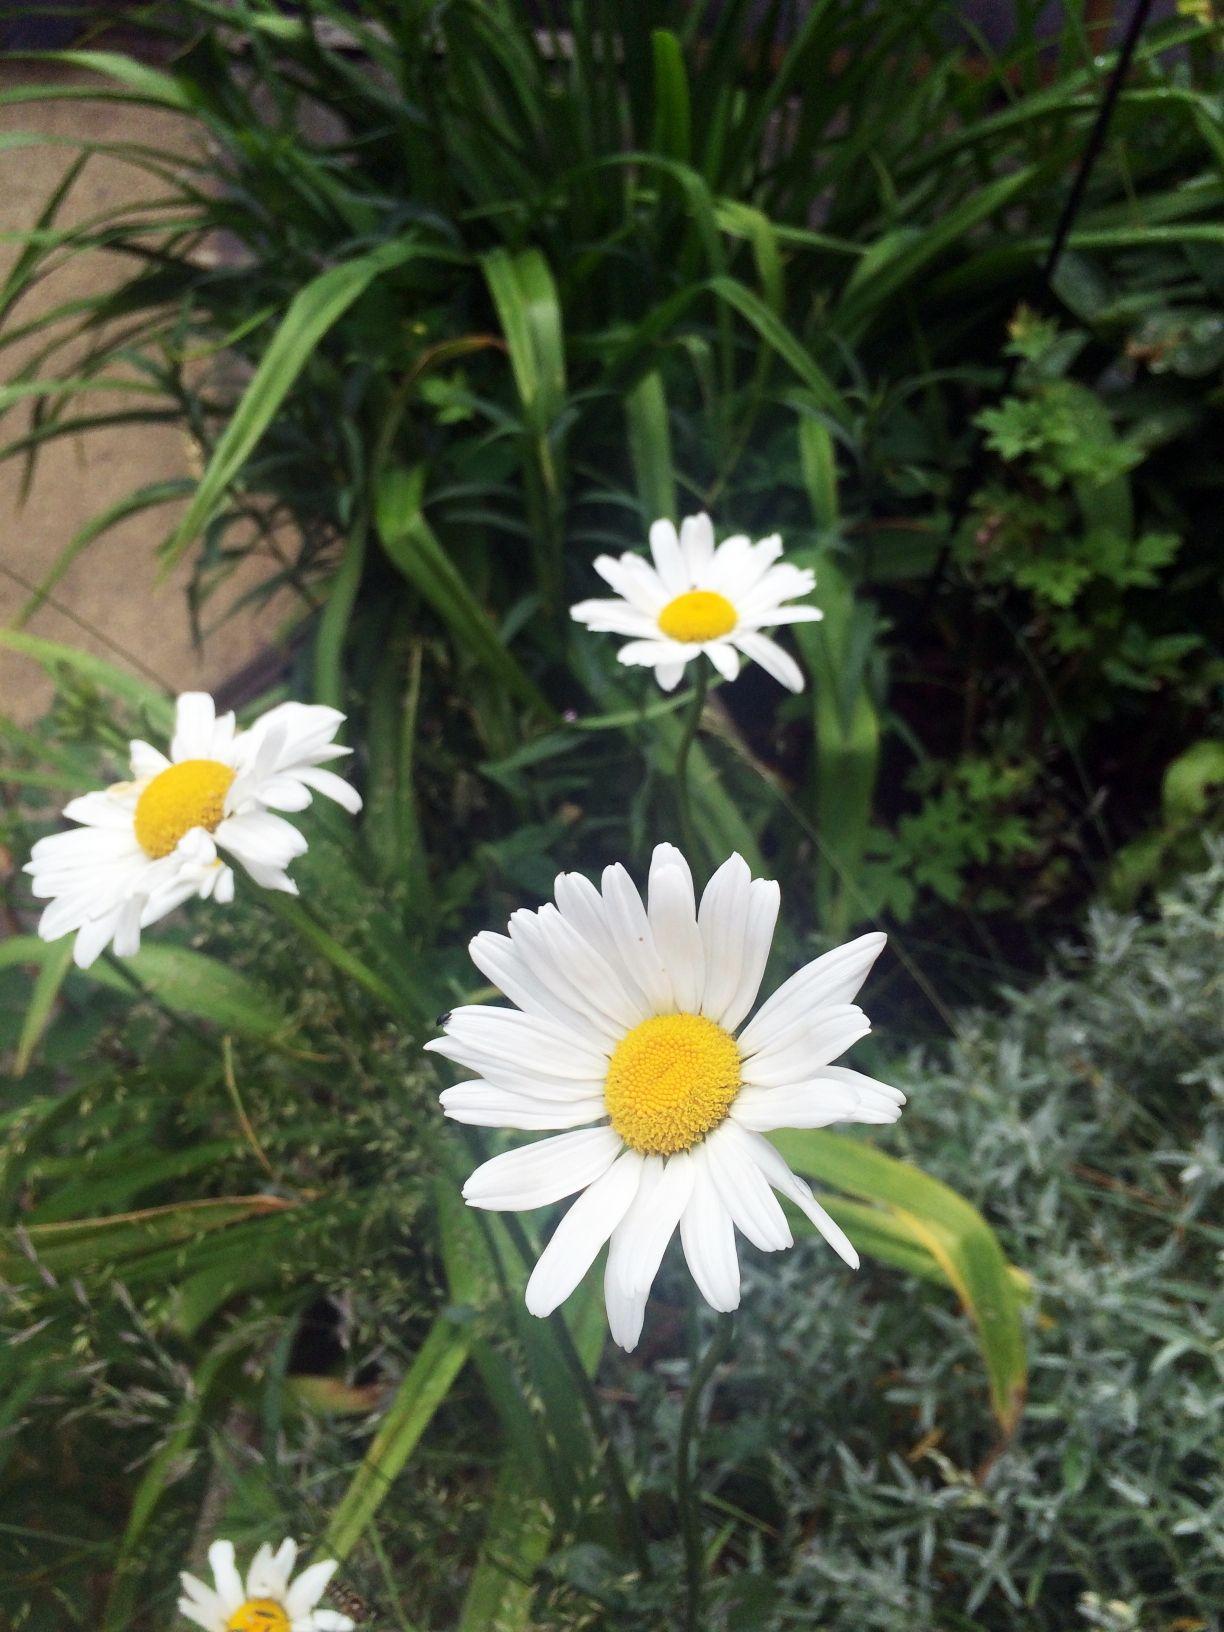 Pin by leigh ann hughey on daisies pinterest flowers and gardens daisy love daisy daisy daisy flowers daisies margaritas nice home ideas margarita flower margarita flower izmirmasajfo